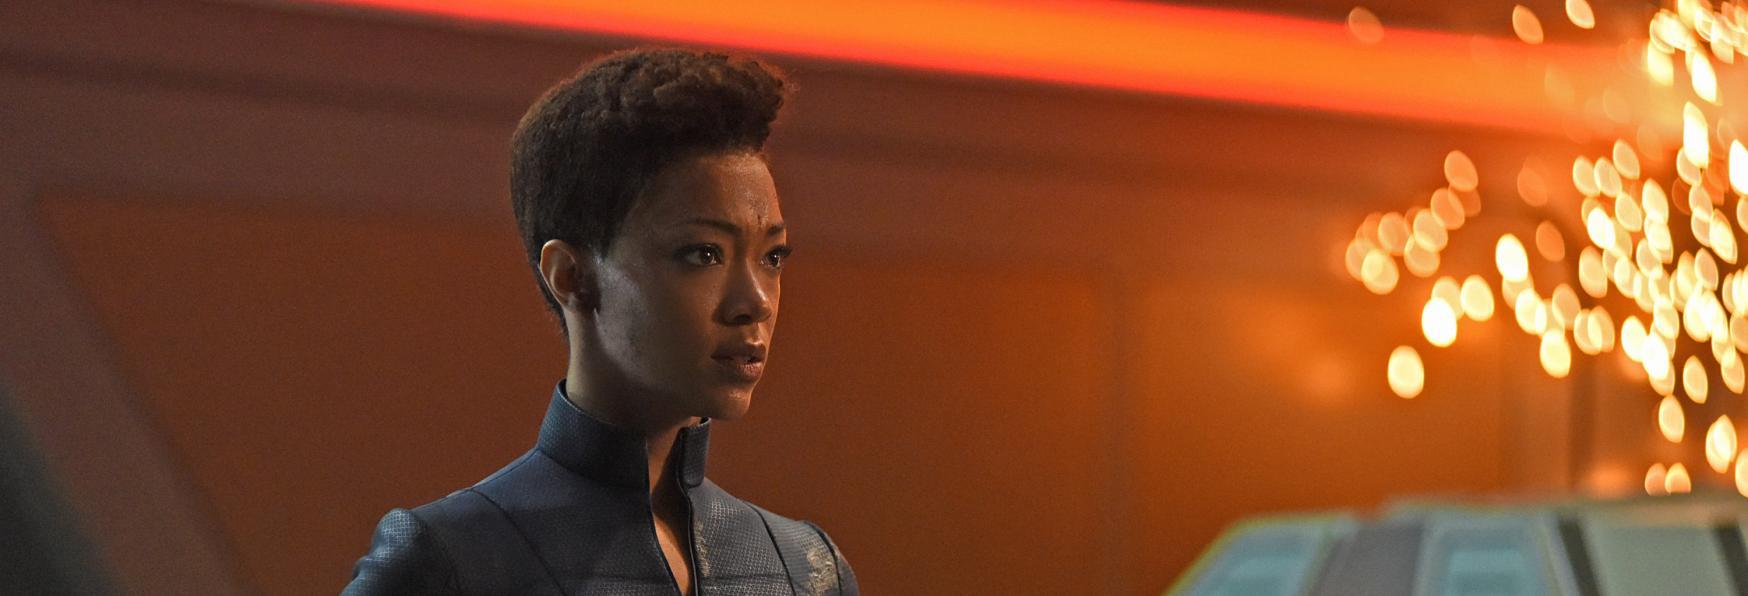 Star Trek: Discovery - Lo Showrunner Parla già di una Possibile Quarta Stagione della Serie TV Netflix